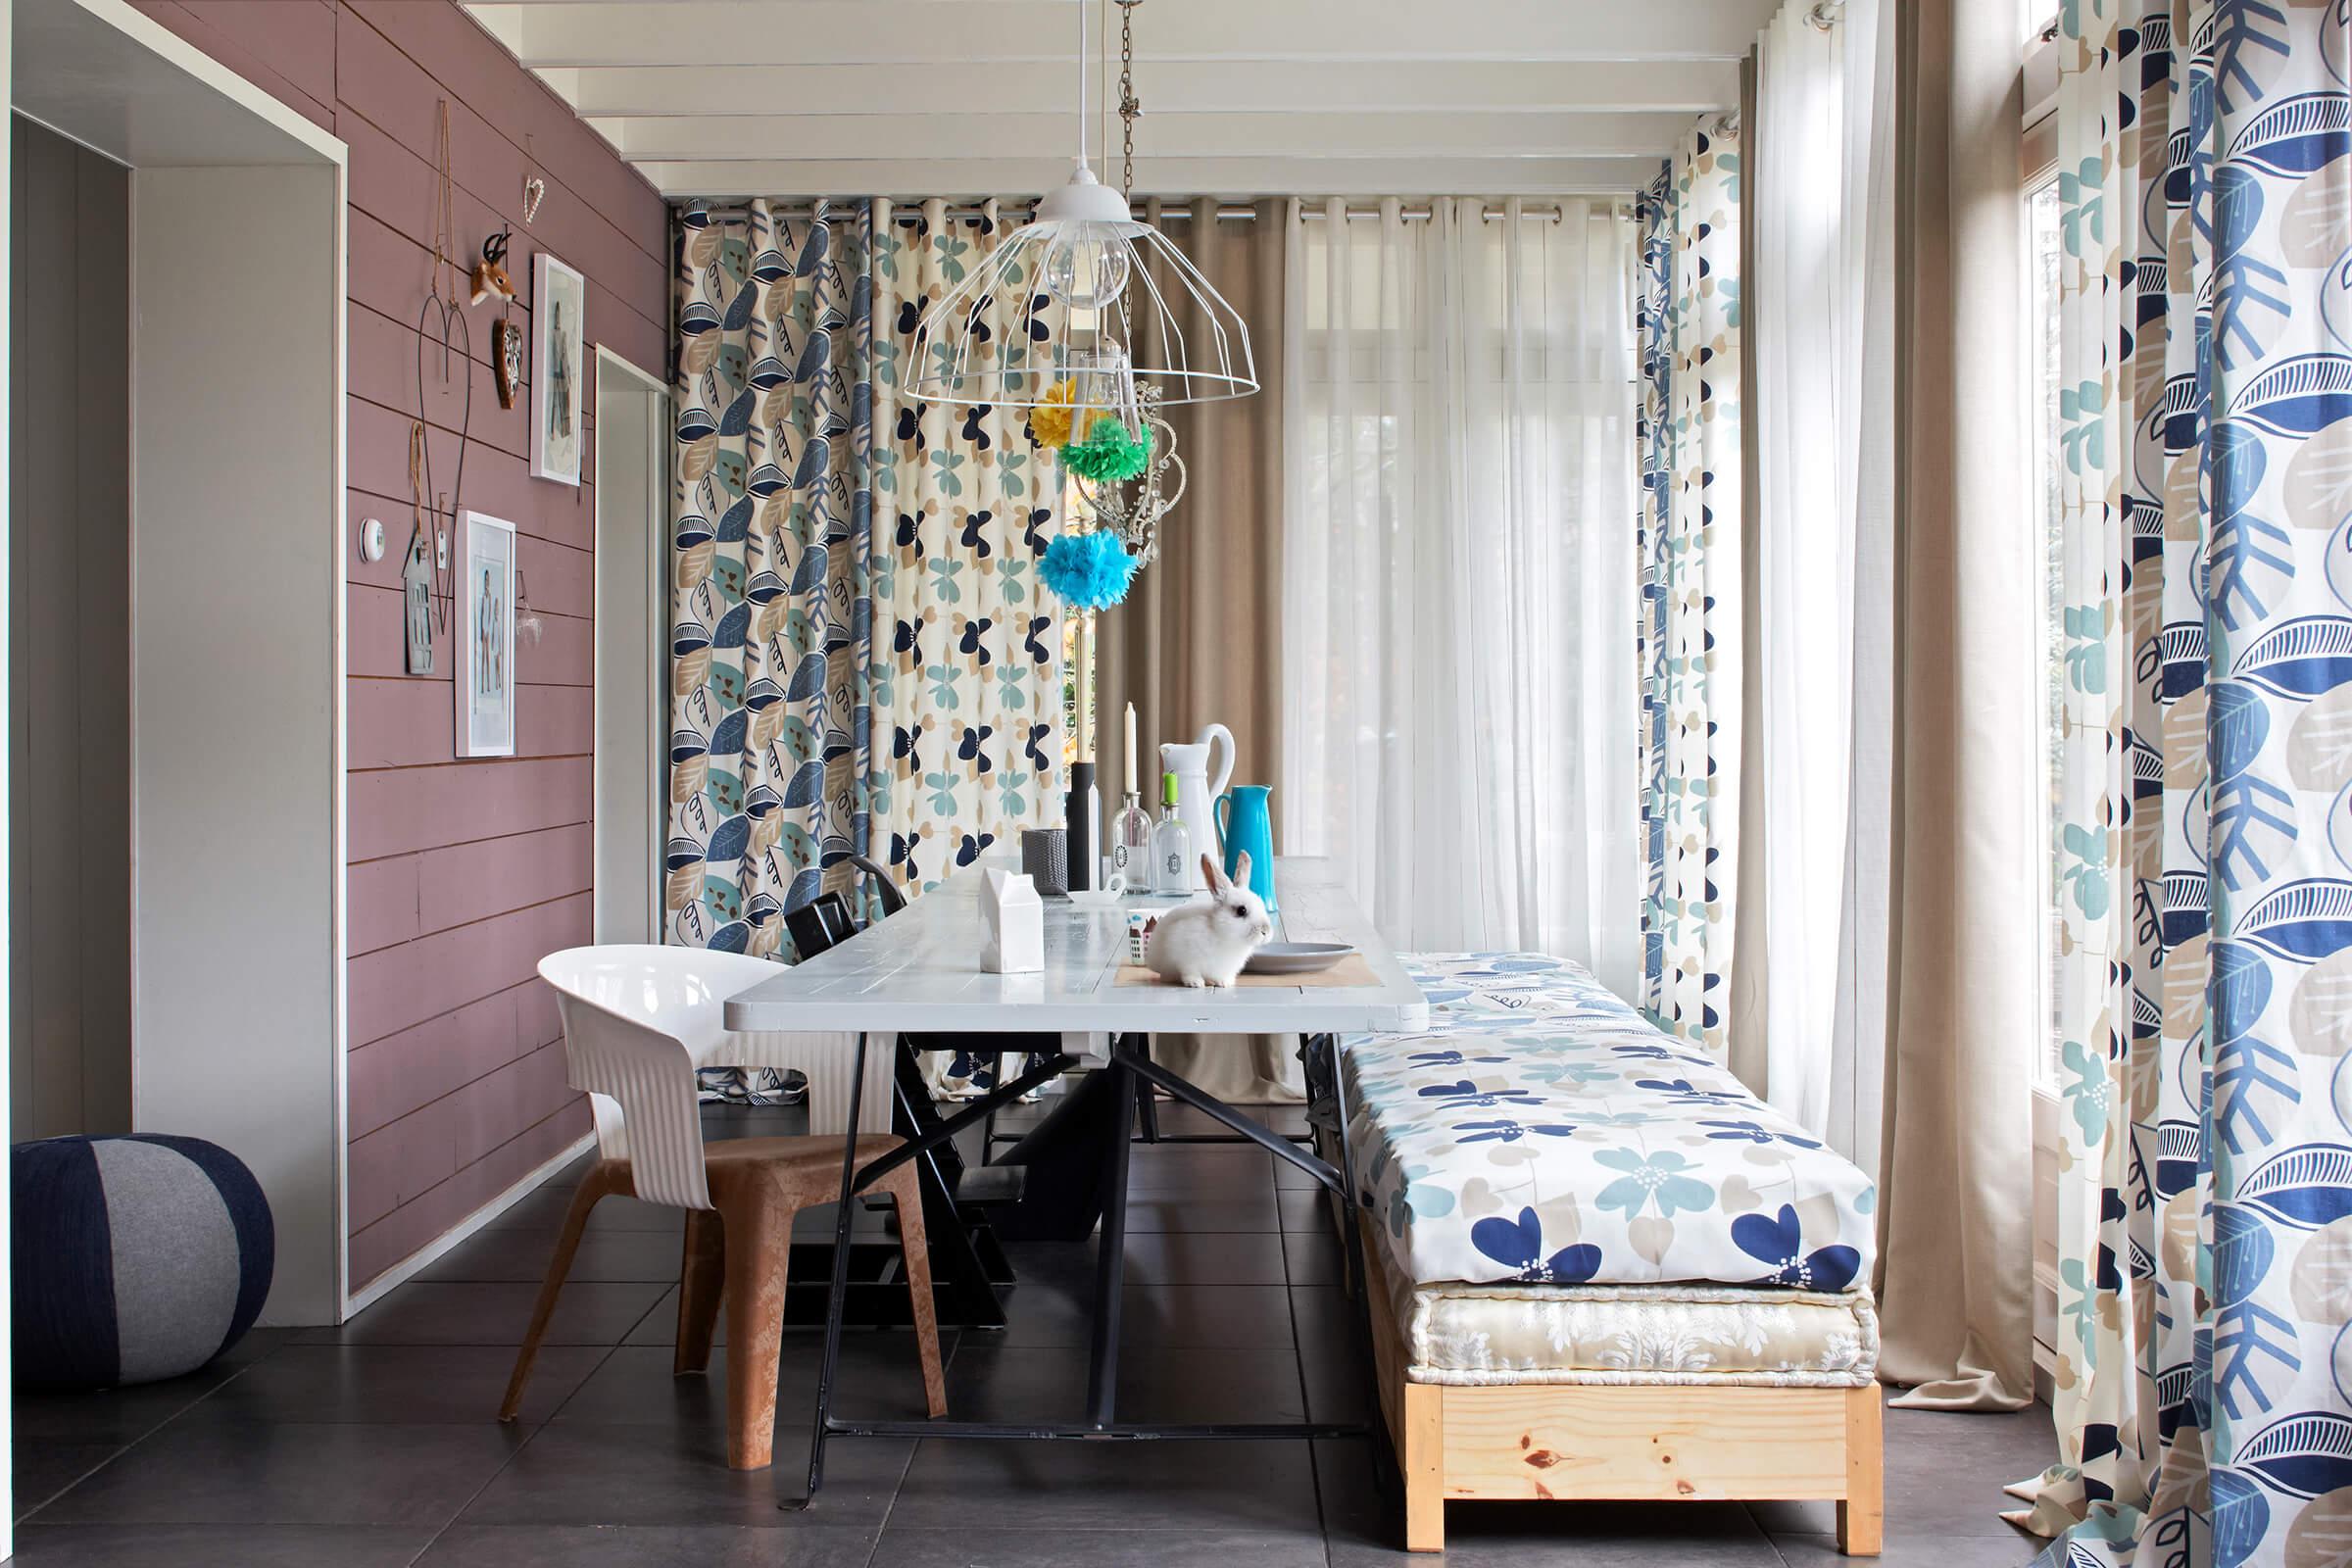 vorhnge nach mass online bestellen amazing nach mass bestellen vorhang online shop deayrsi with. Black Bedroom Furniture Sets. Home Design Ideas